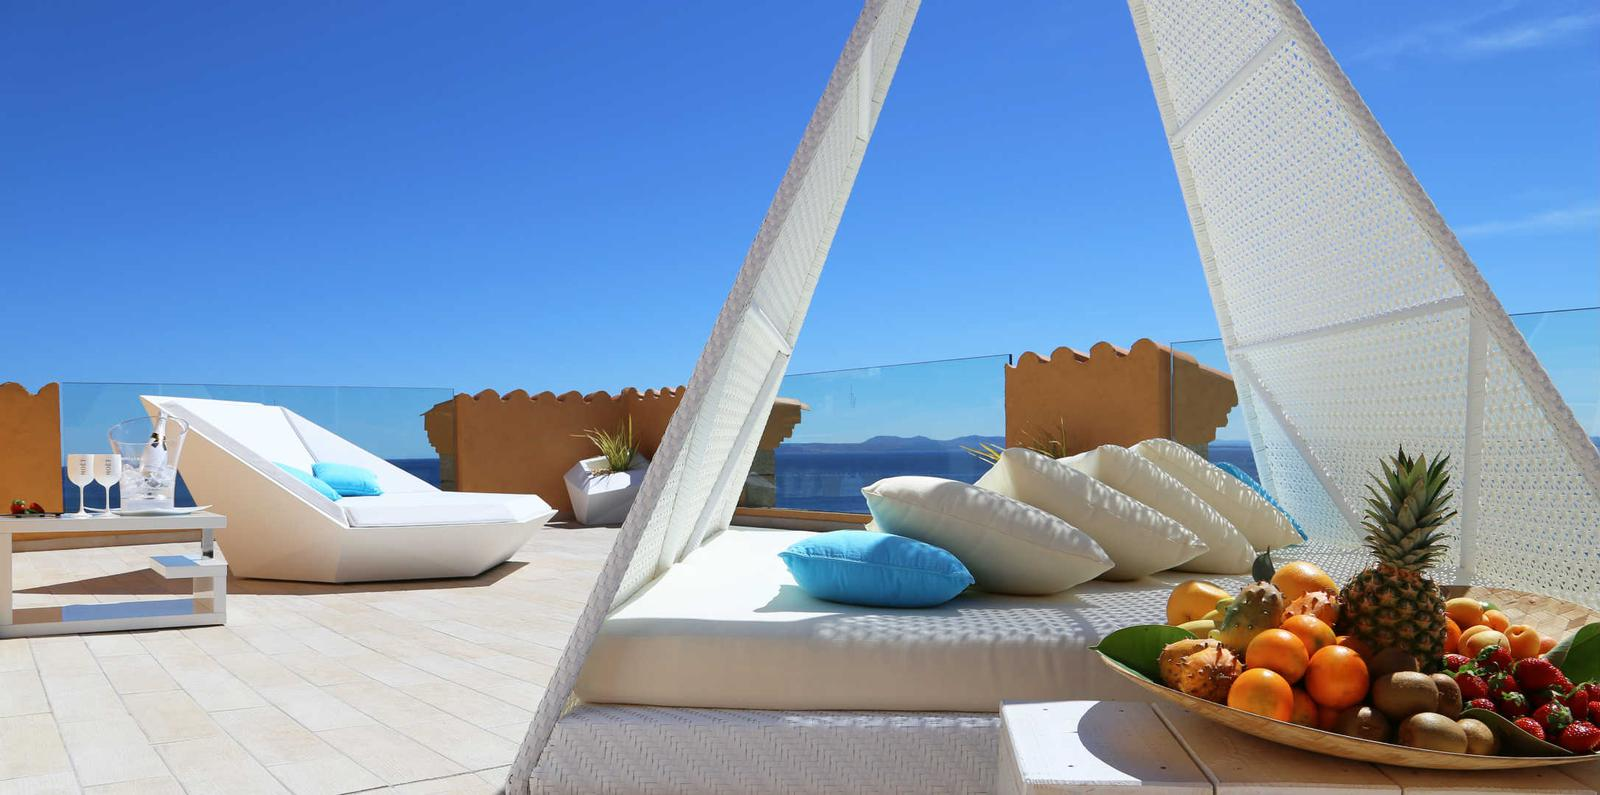 Terraza con vistas al mar en hotel Vistabella en Costa Brava